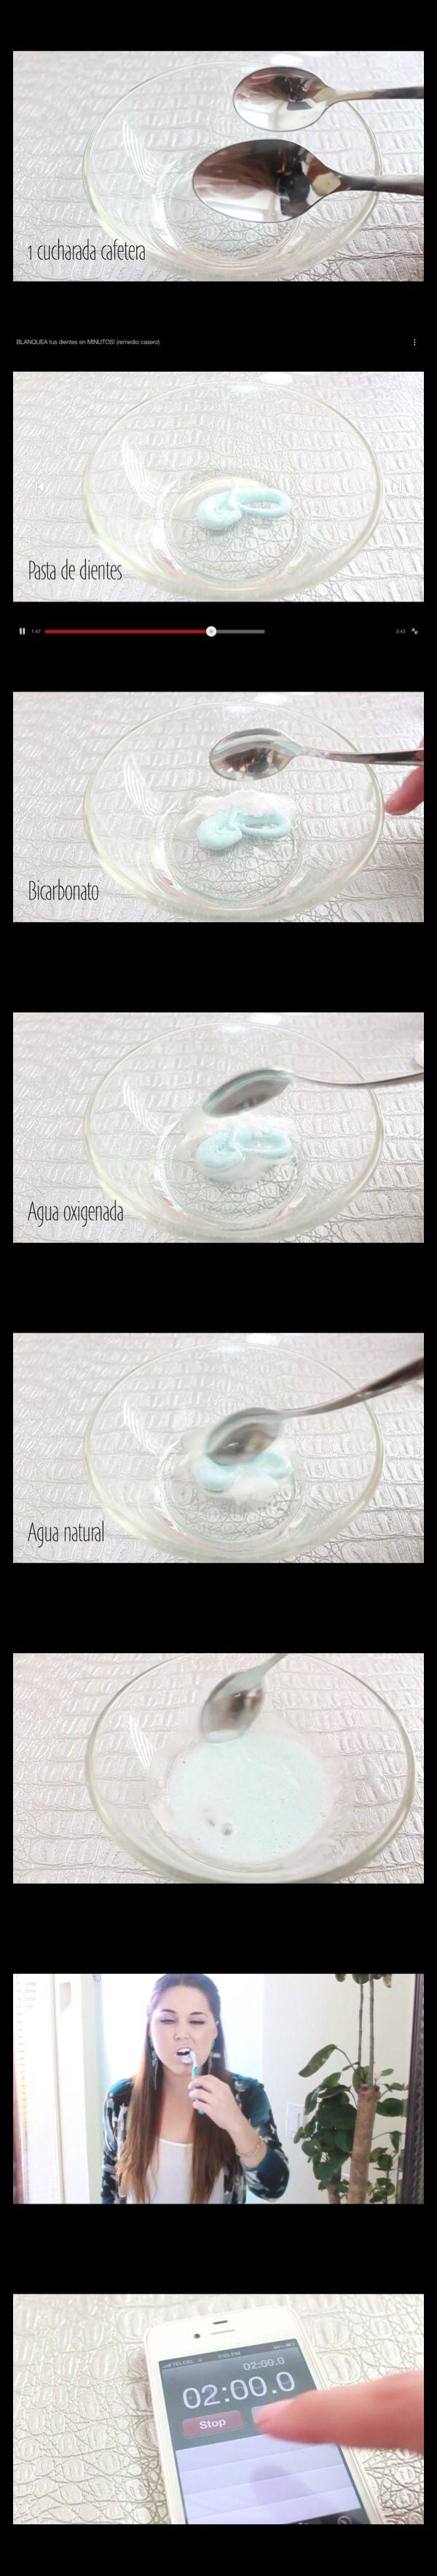 Desmanchar o aclarar dientes: Tantita pasta dental 1 cucharadita agua oxigenada 1 cucharadita bicarbonato de sodio Media cucharadita de agua  revolver todo, cepillarse los dientes con esa pasta x dos minutos, enjuagar y lavar normalmente los dientes